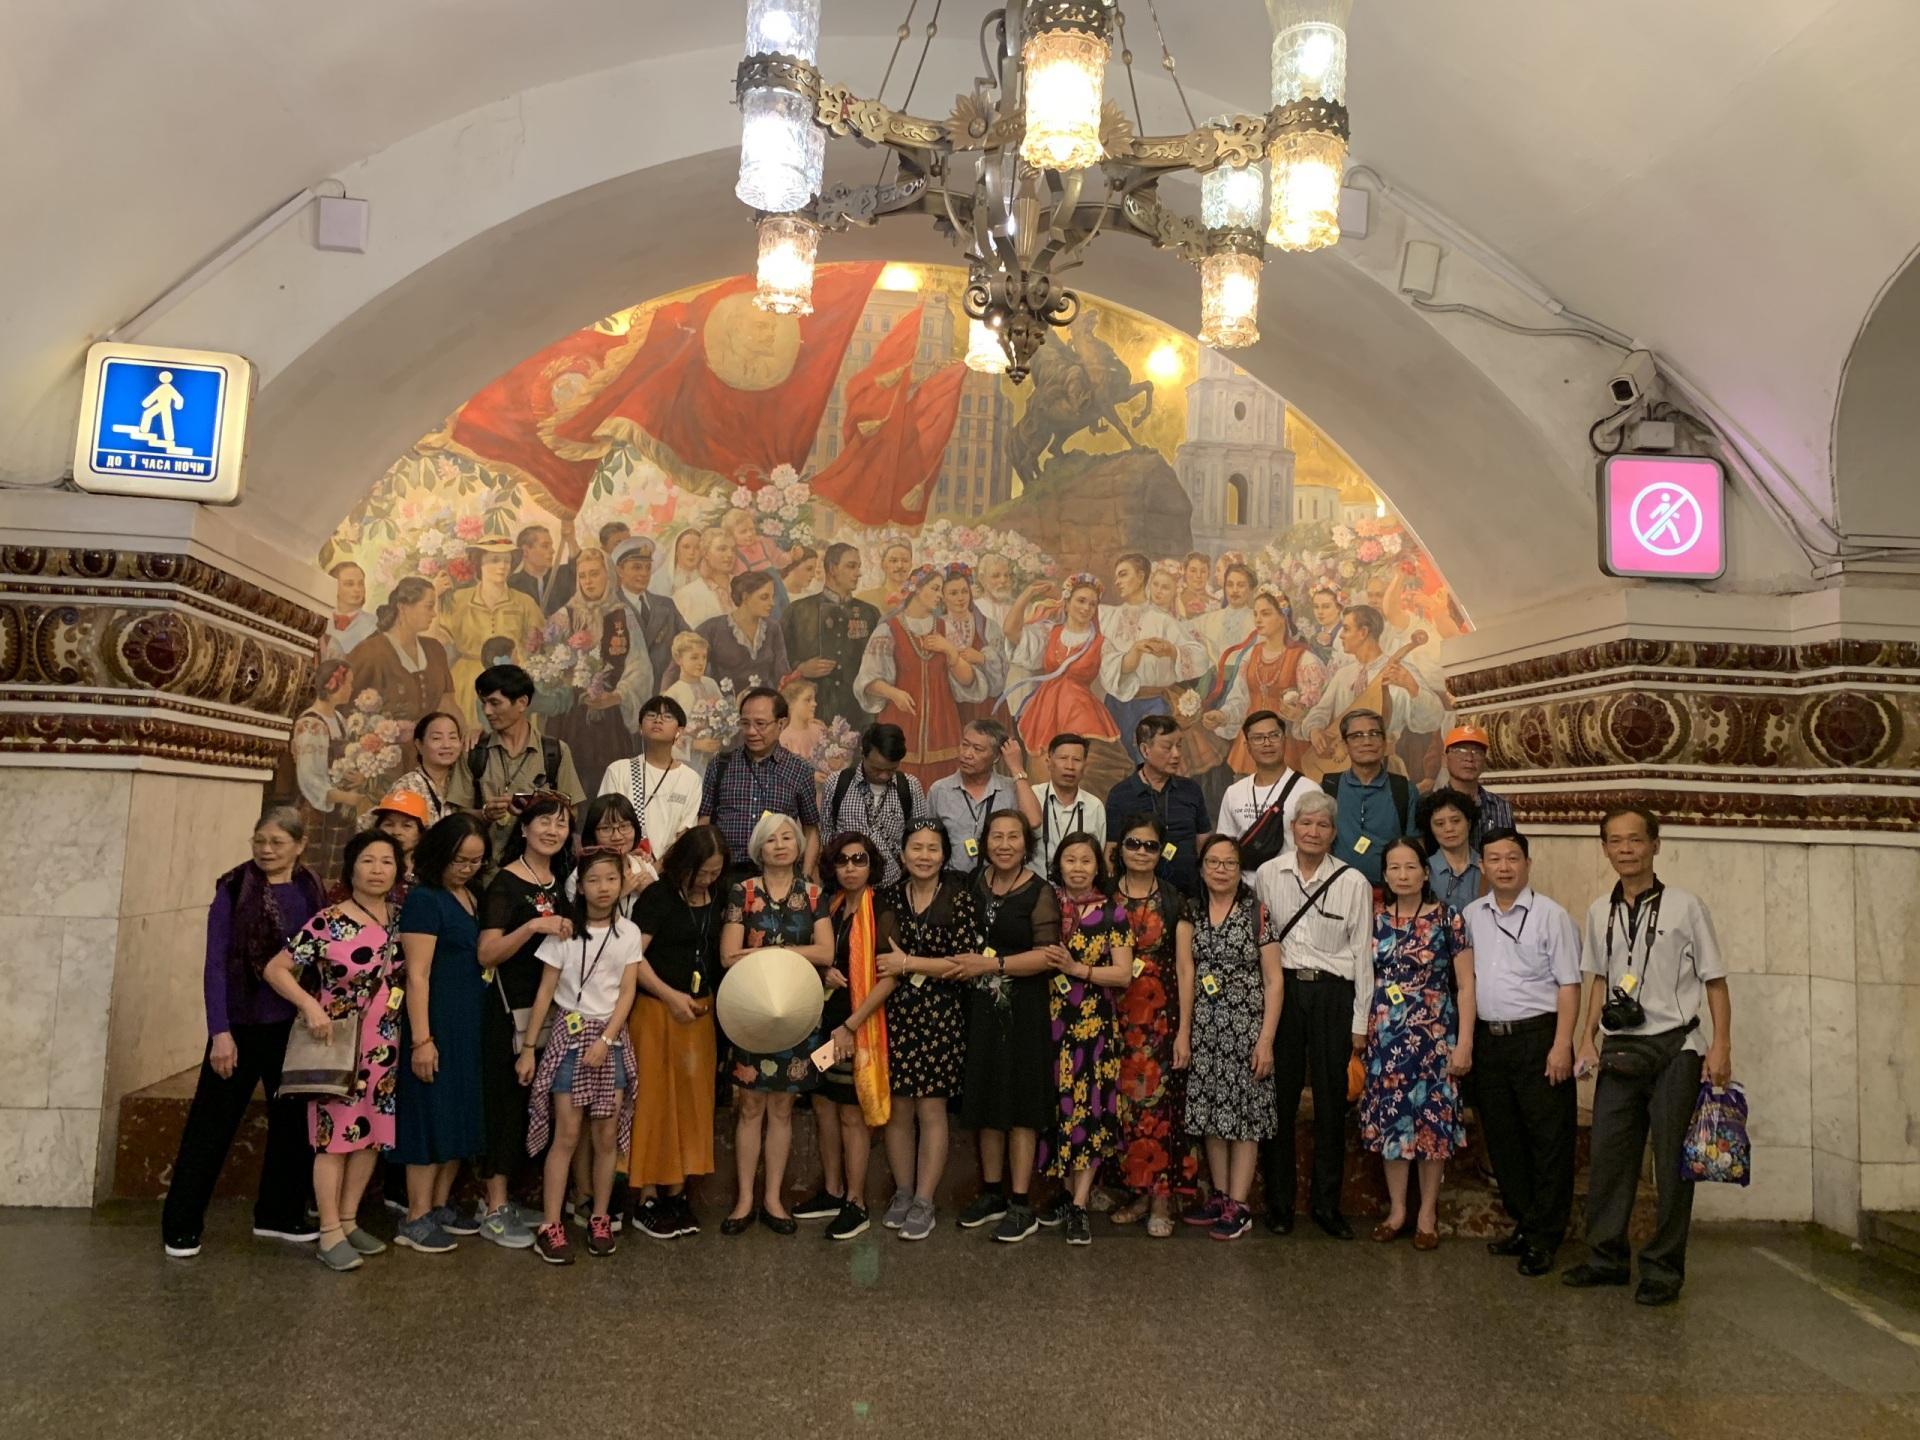 Du lịch Nga tháng 9 - mùa thu vàng - Tiên Phong Travel